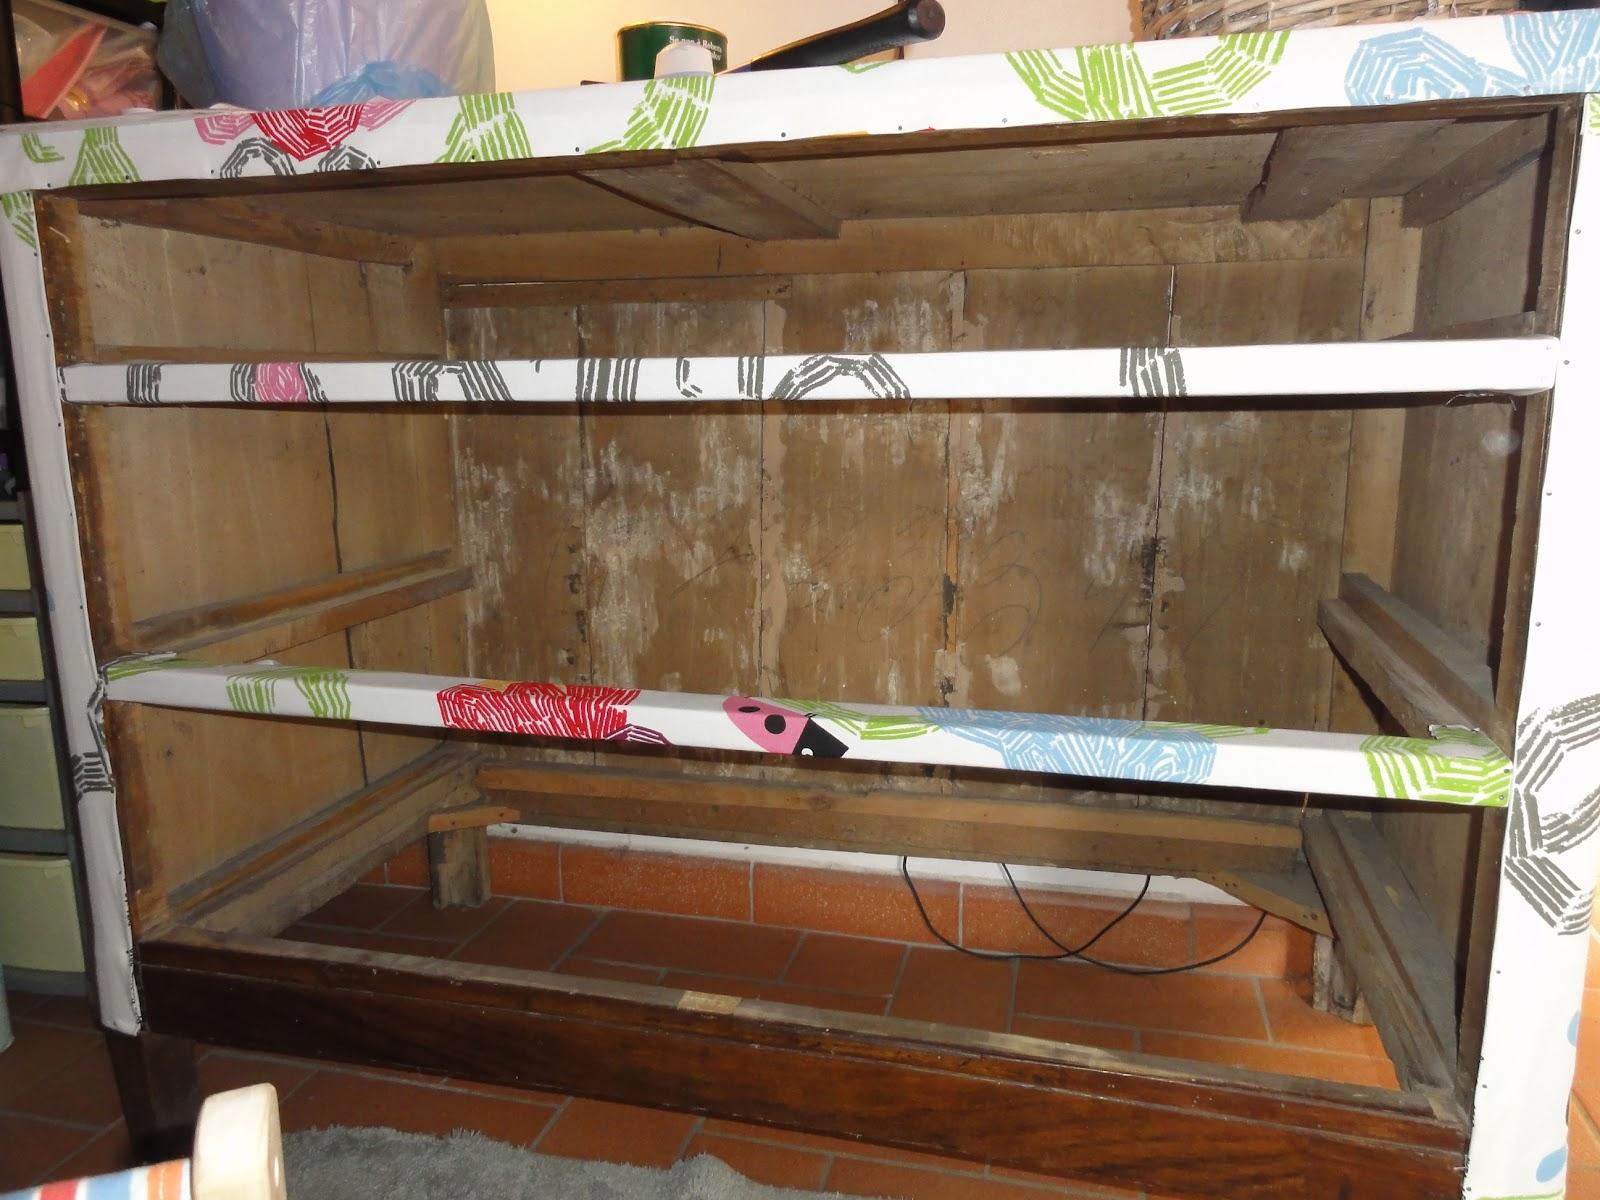 cassettiere camera usate: cassettiera camera da letto mondo ... - Rivestire Cassettiera Malm